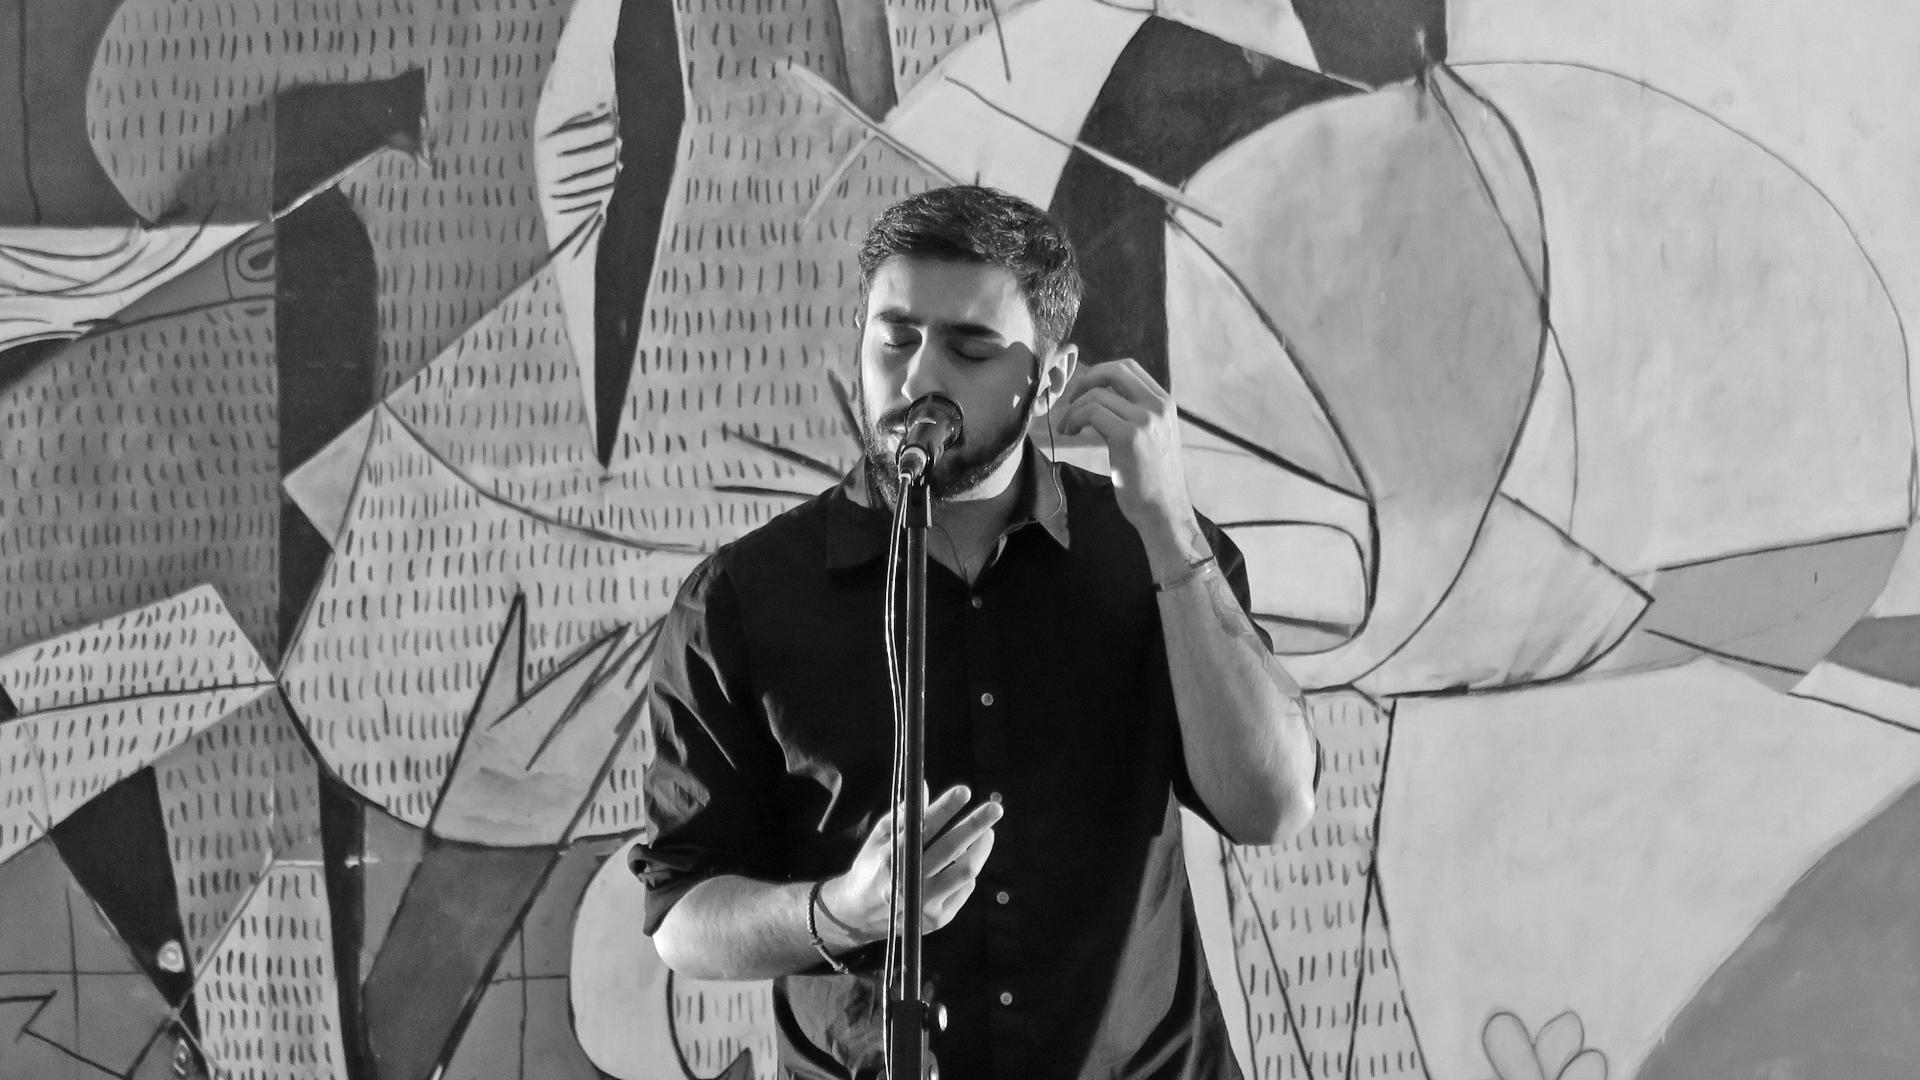 Suena Guernica - Rayden - 03/05/17